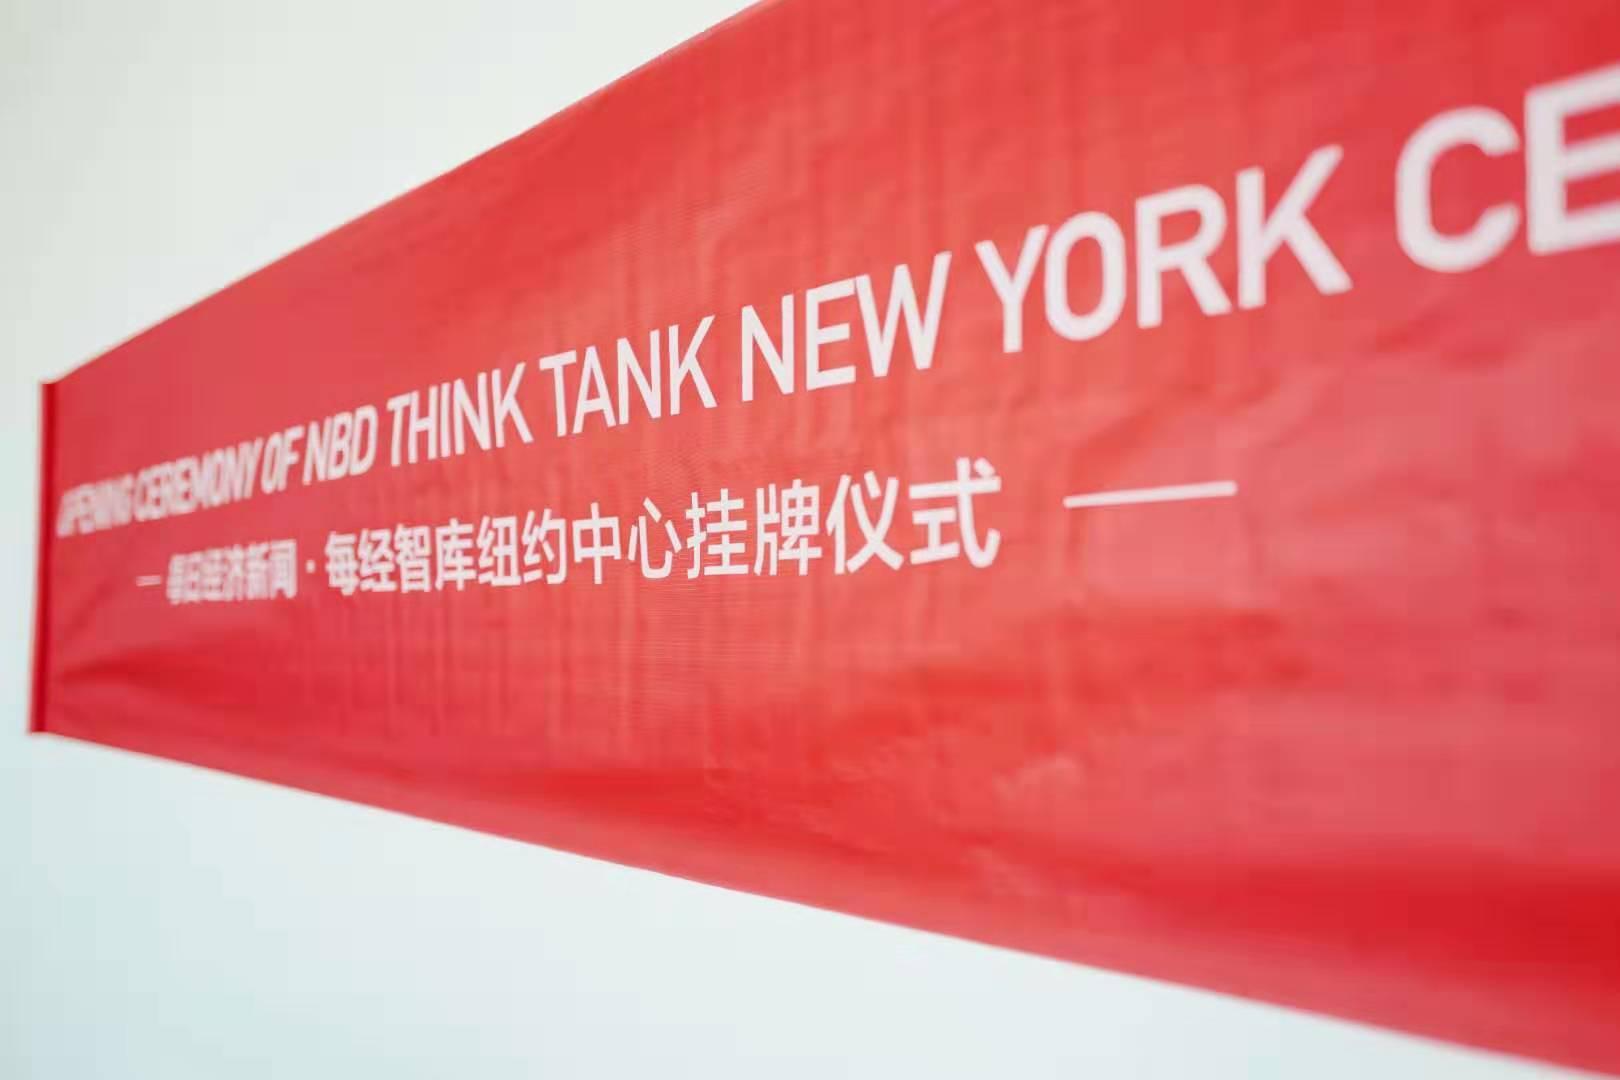 主流财经媒体国际化再扬帆 每经智库首个海外中心落子纽约